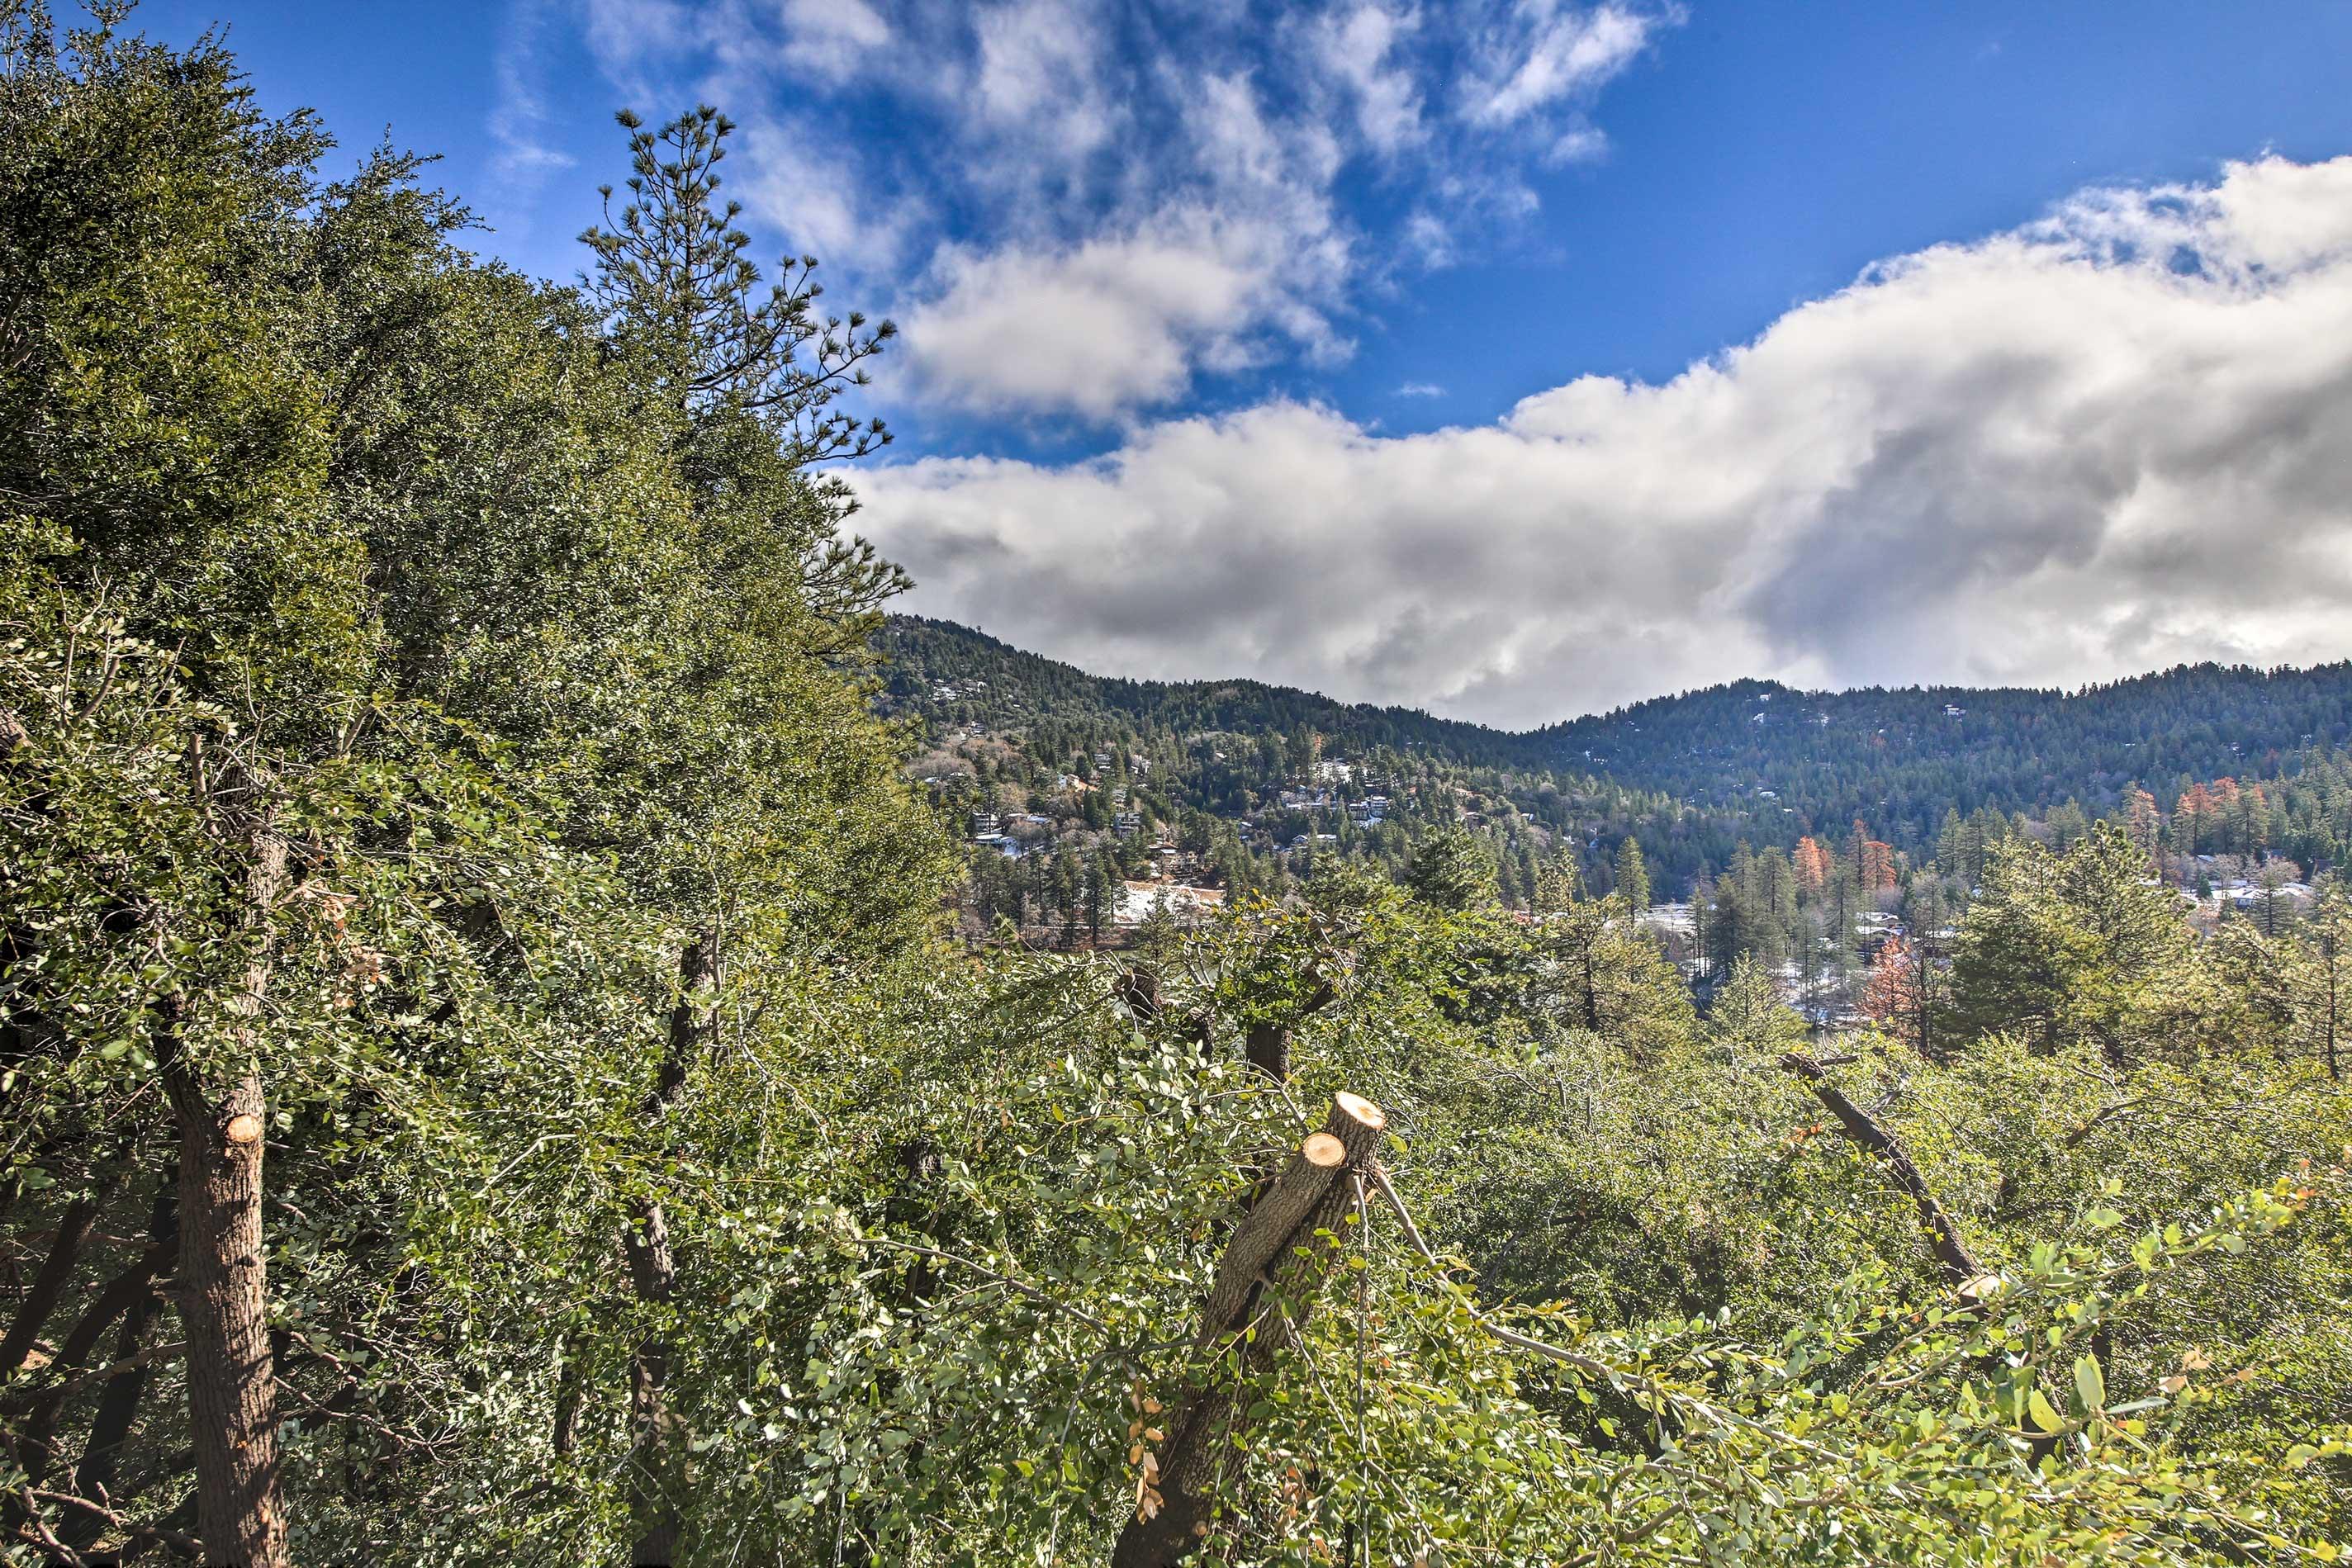 Breathe in the fresh California air.